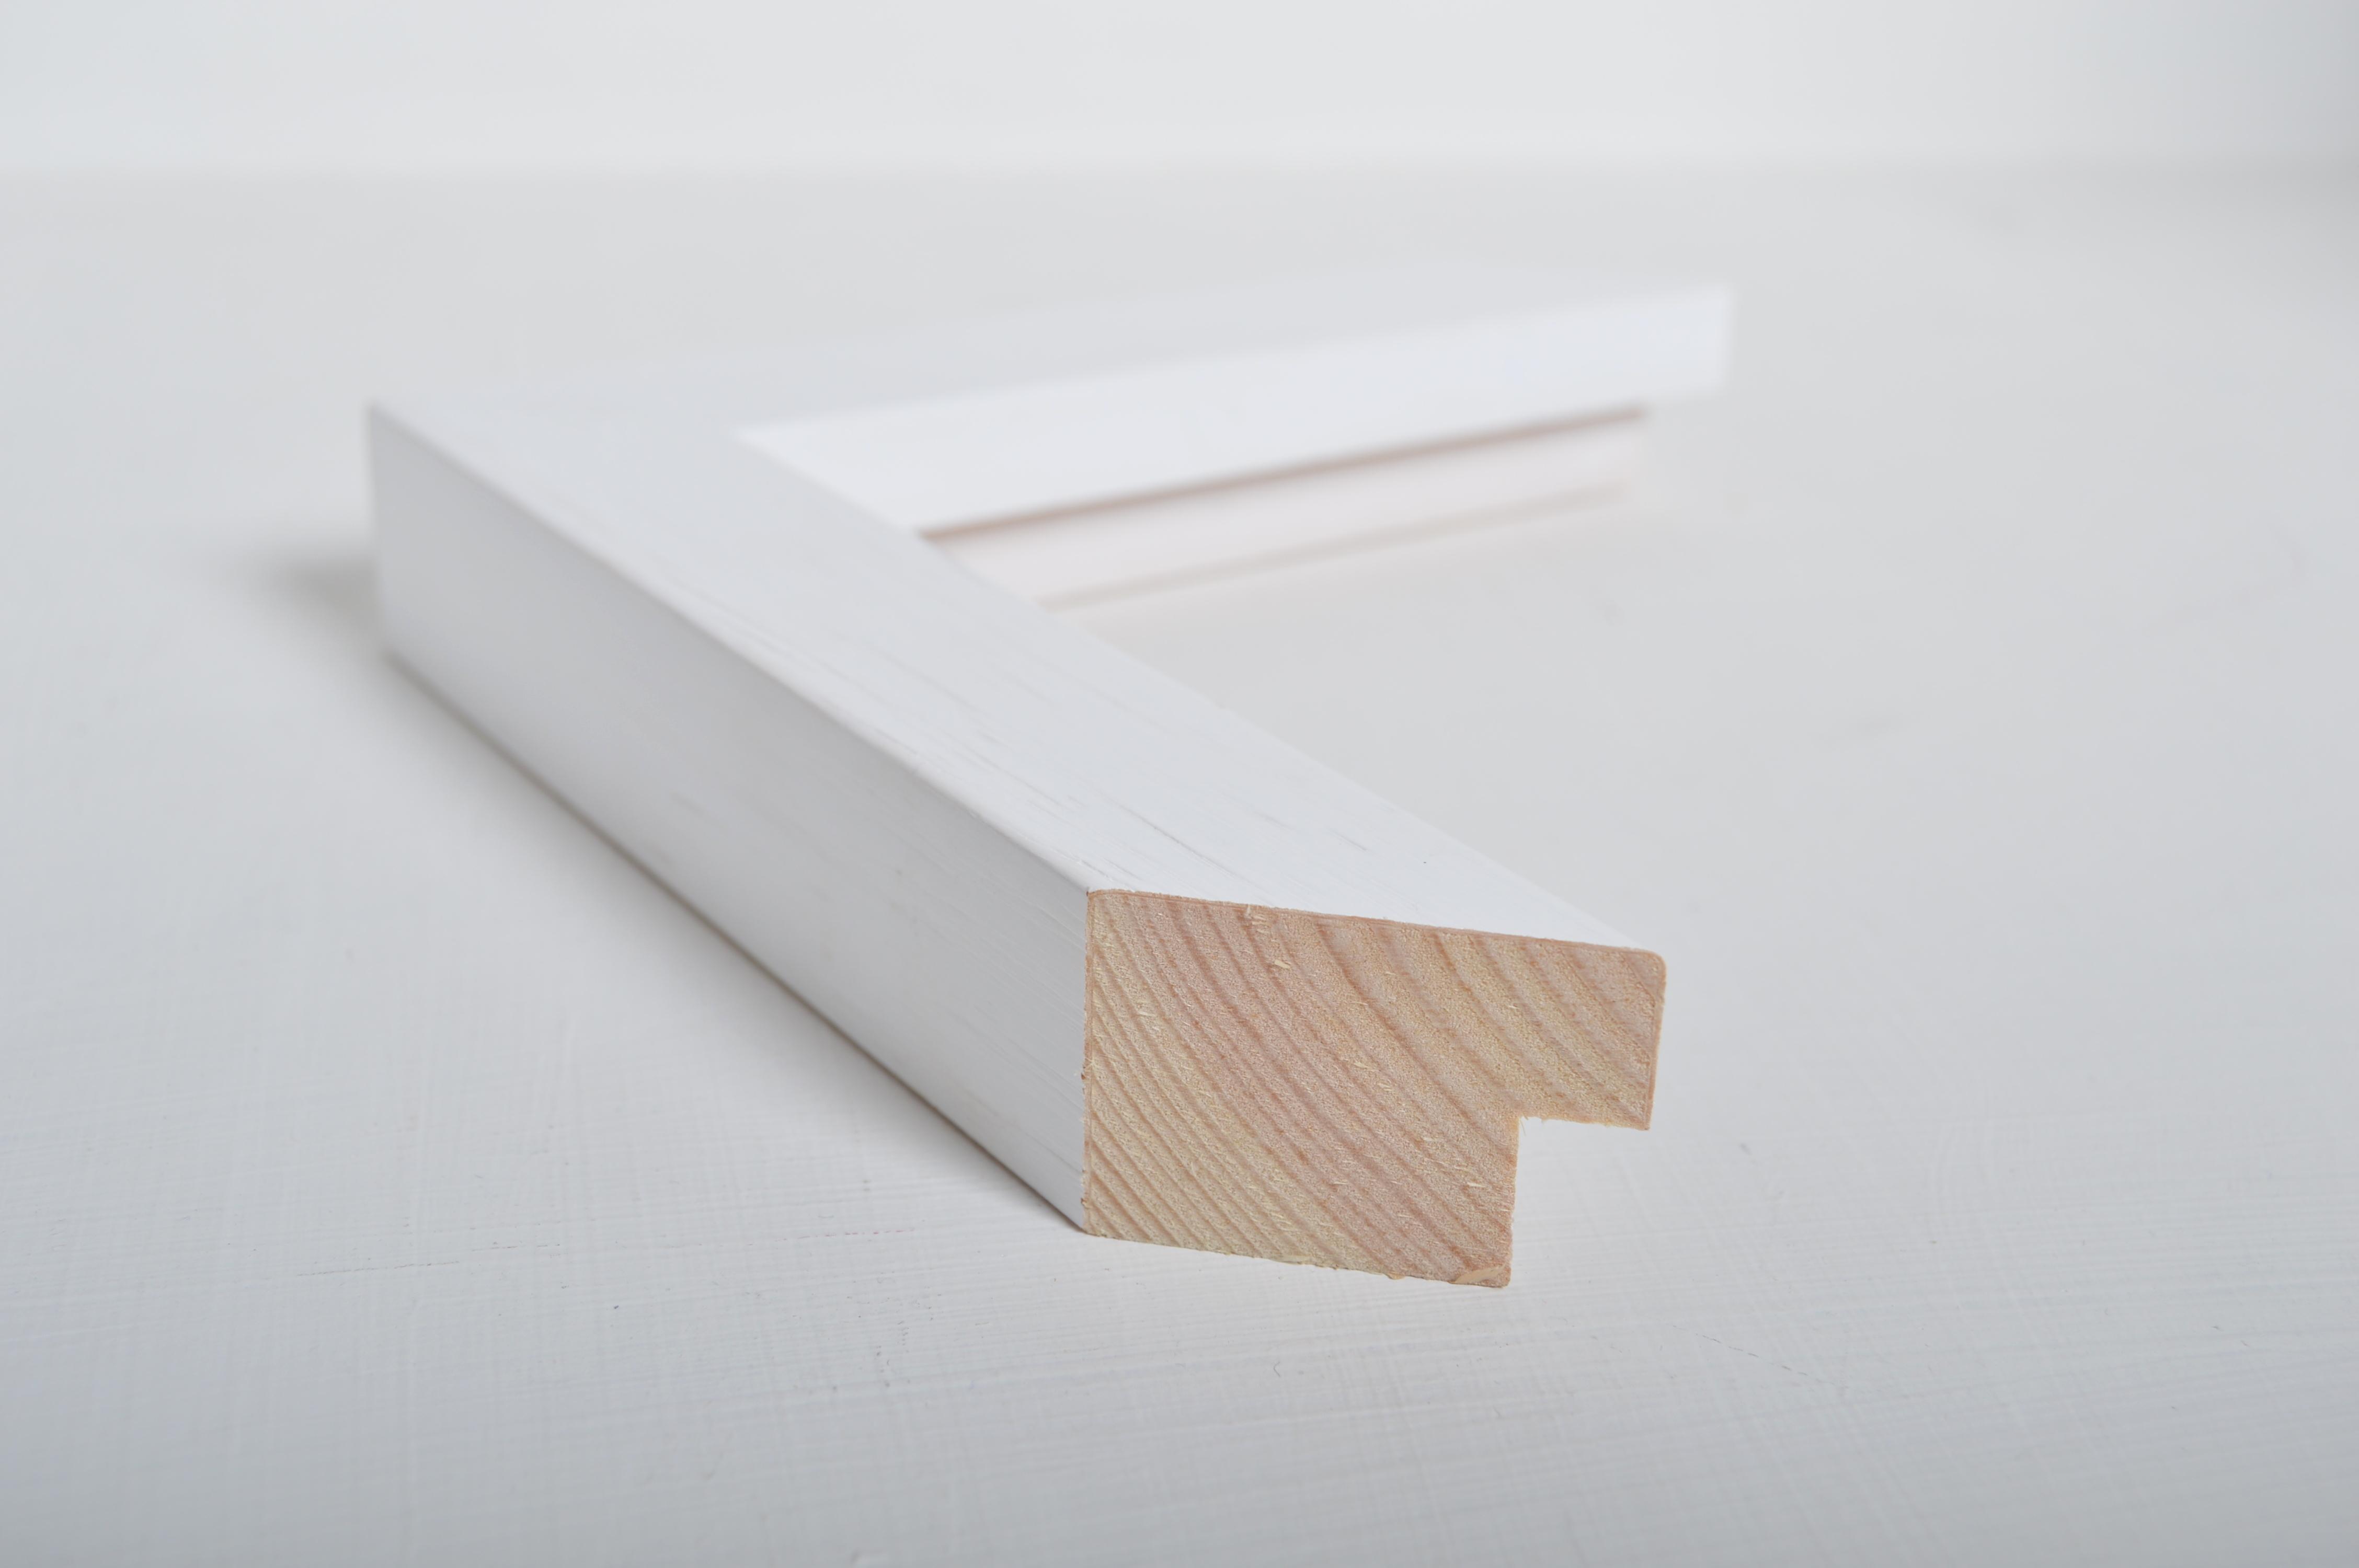 00457-720-BLANCO-3.5cm-perfil